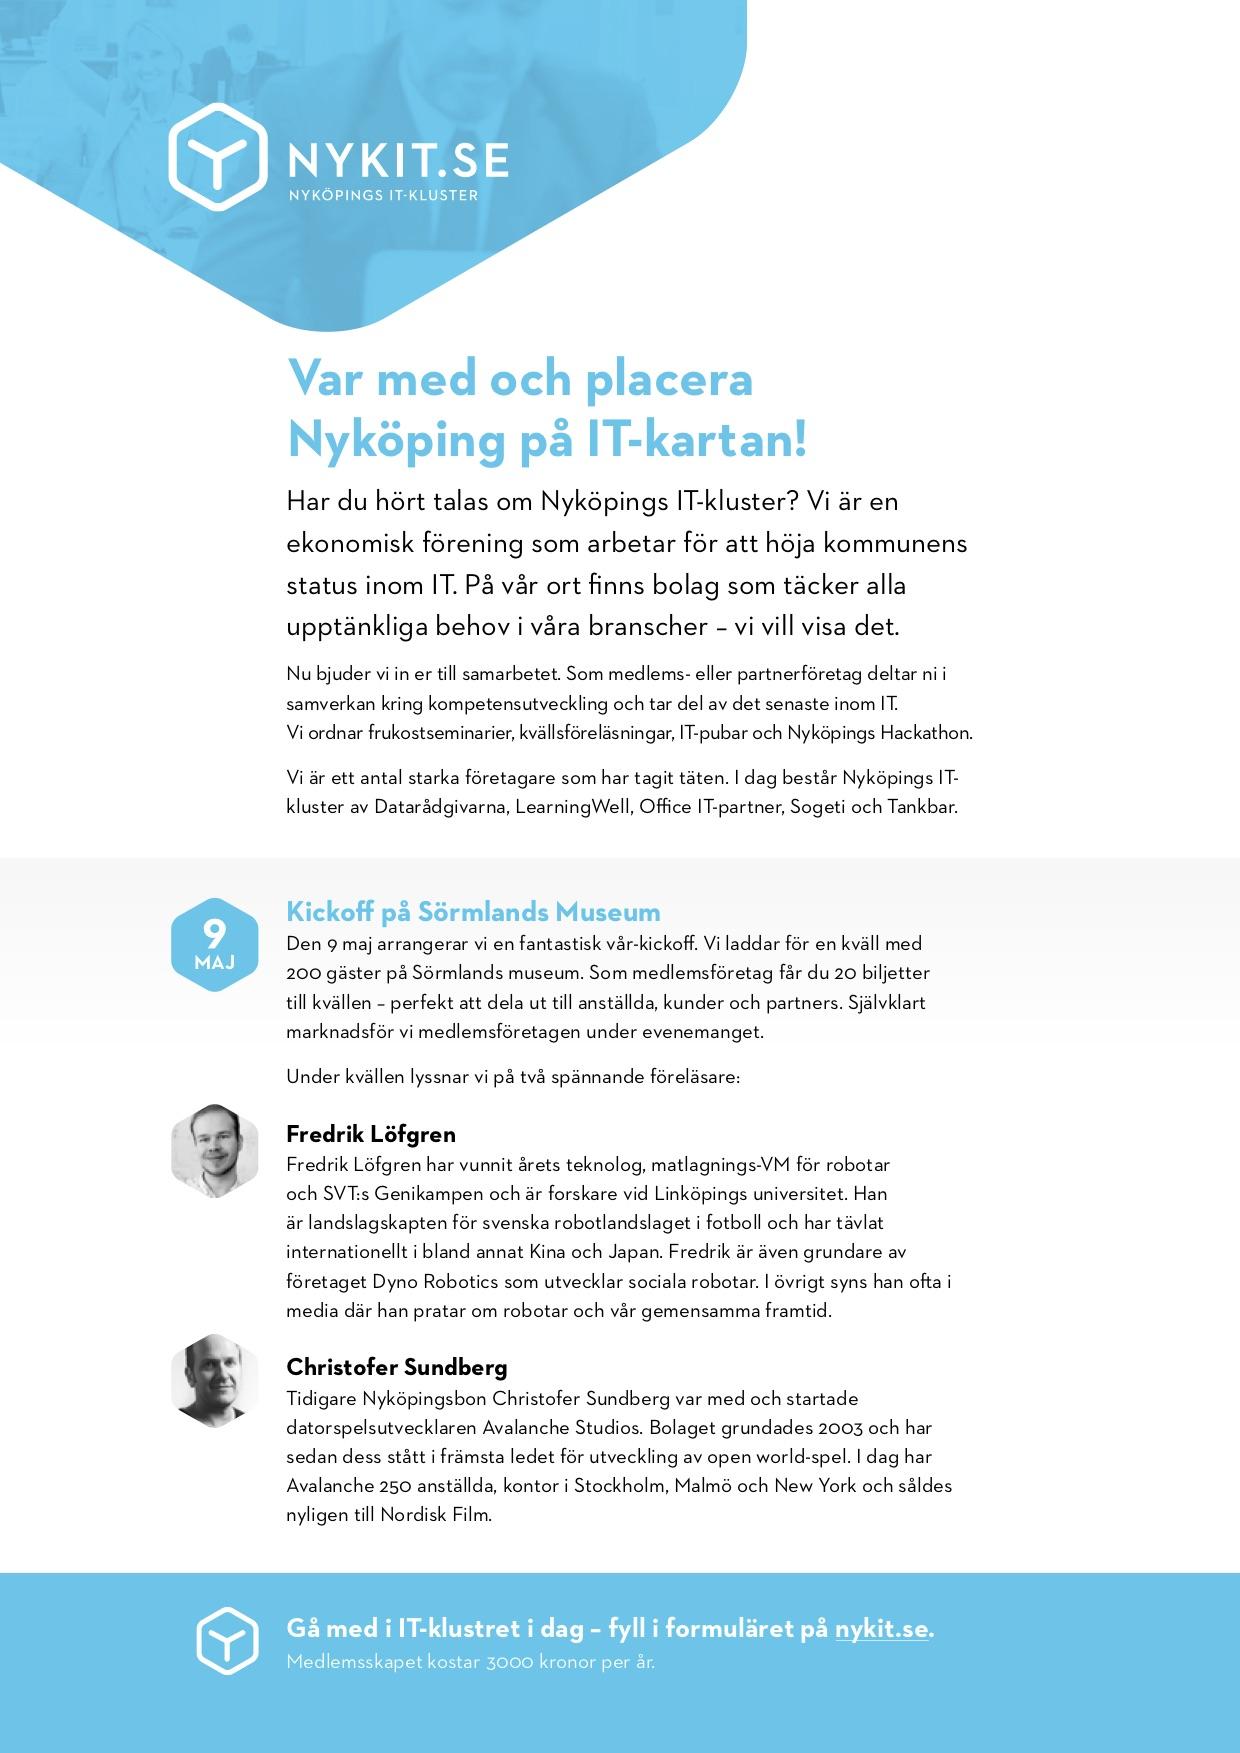 IT-klustret Nyköping bjuder in till kick-off